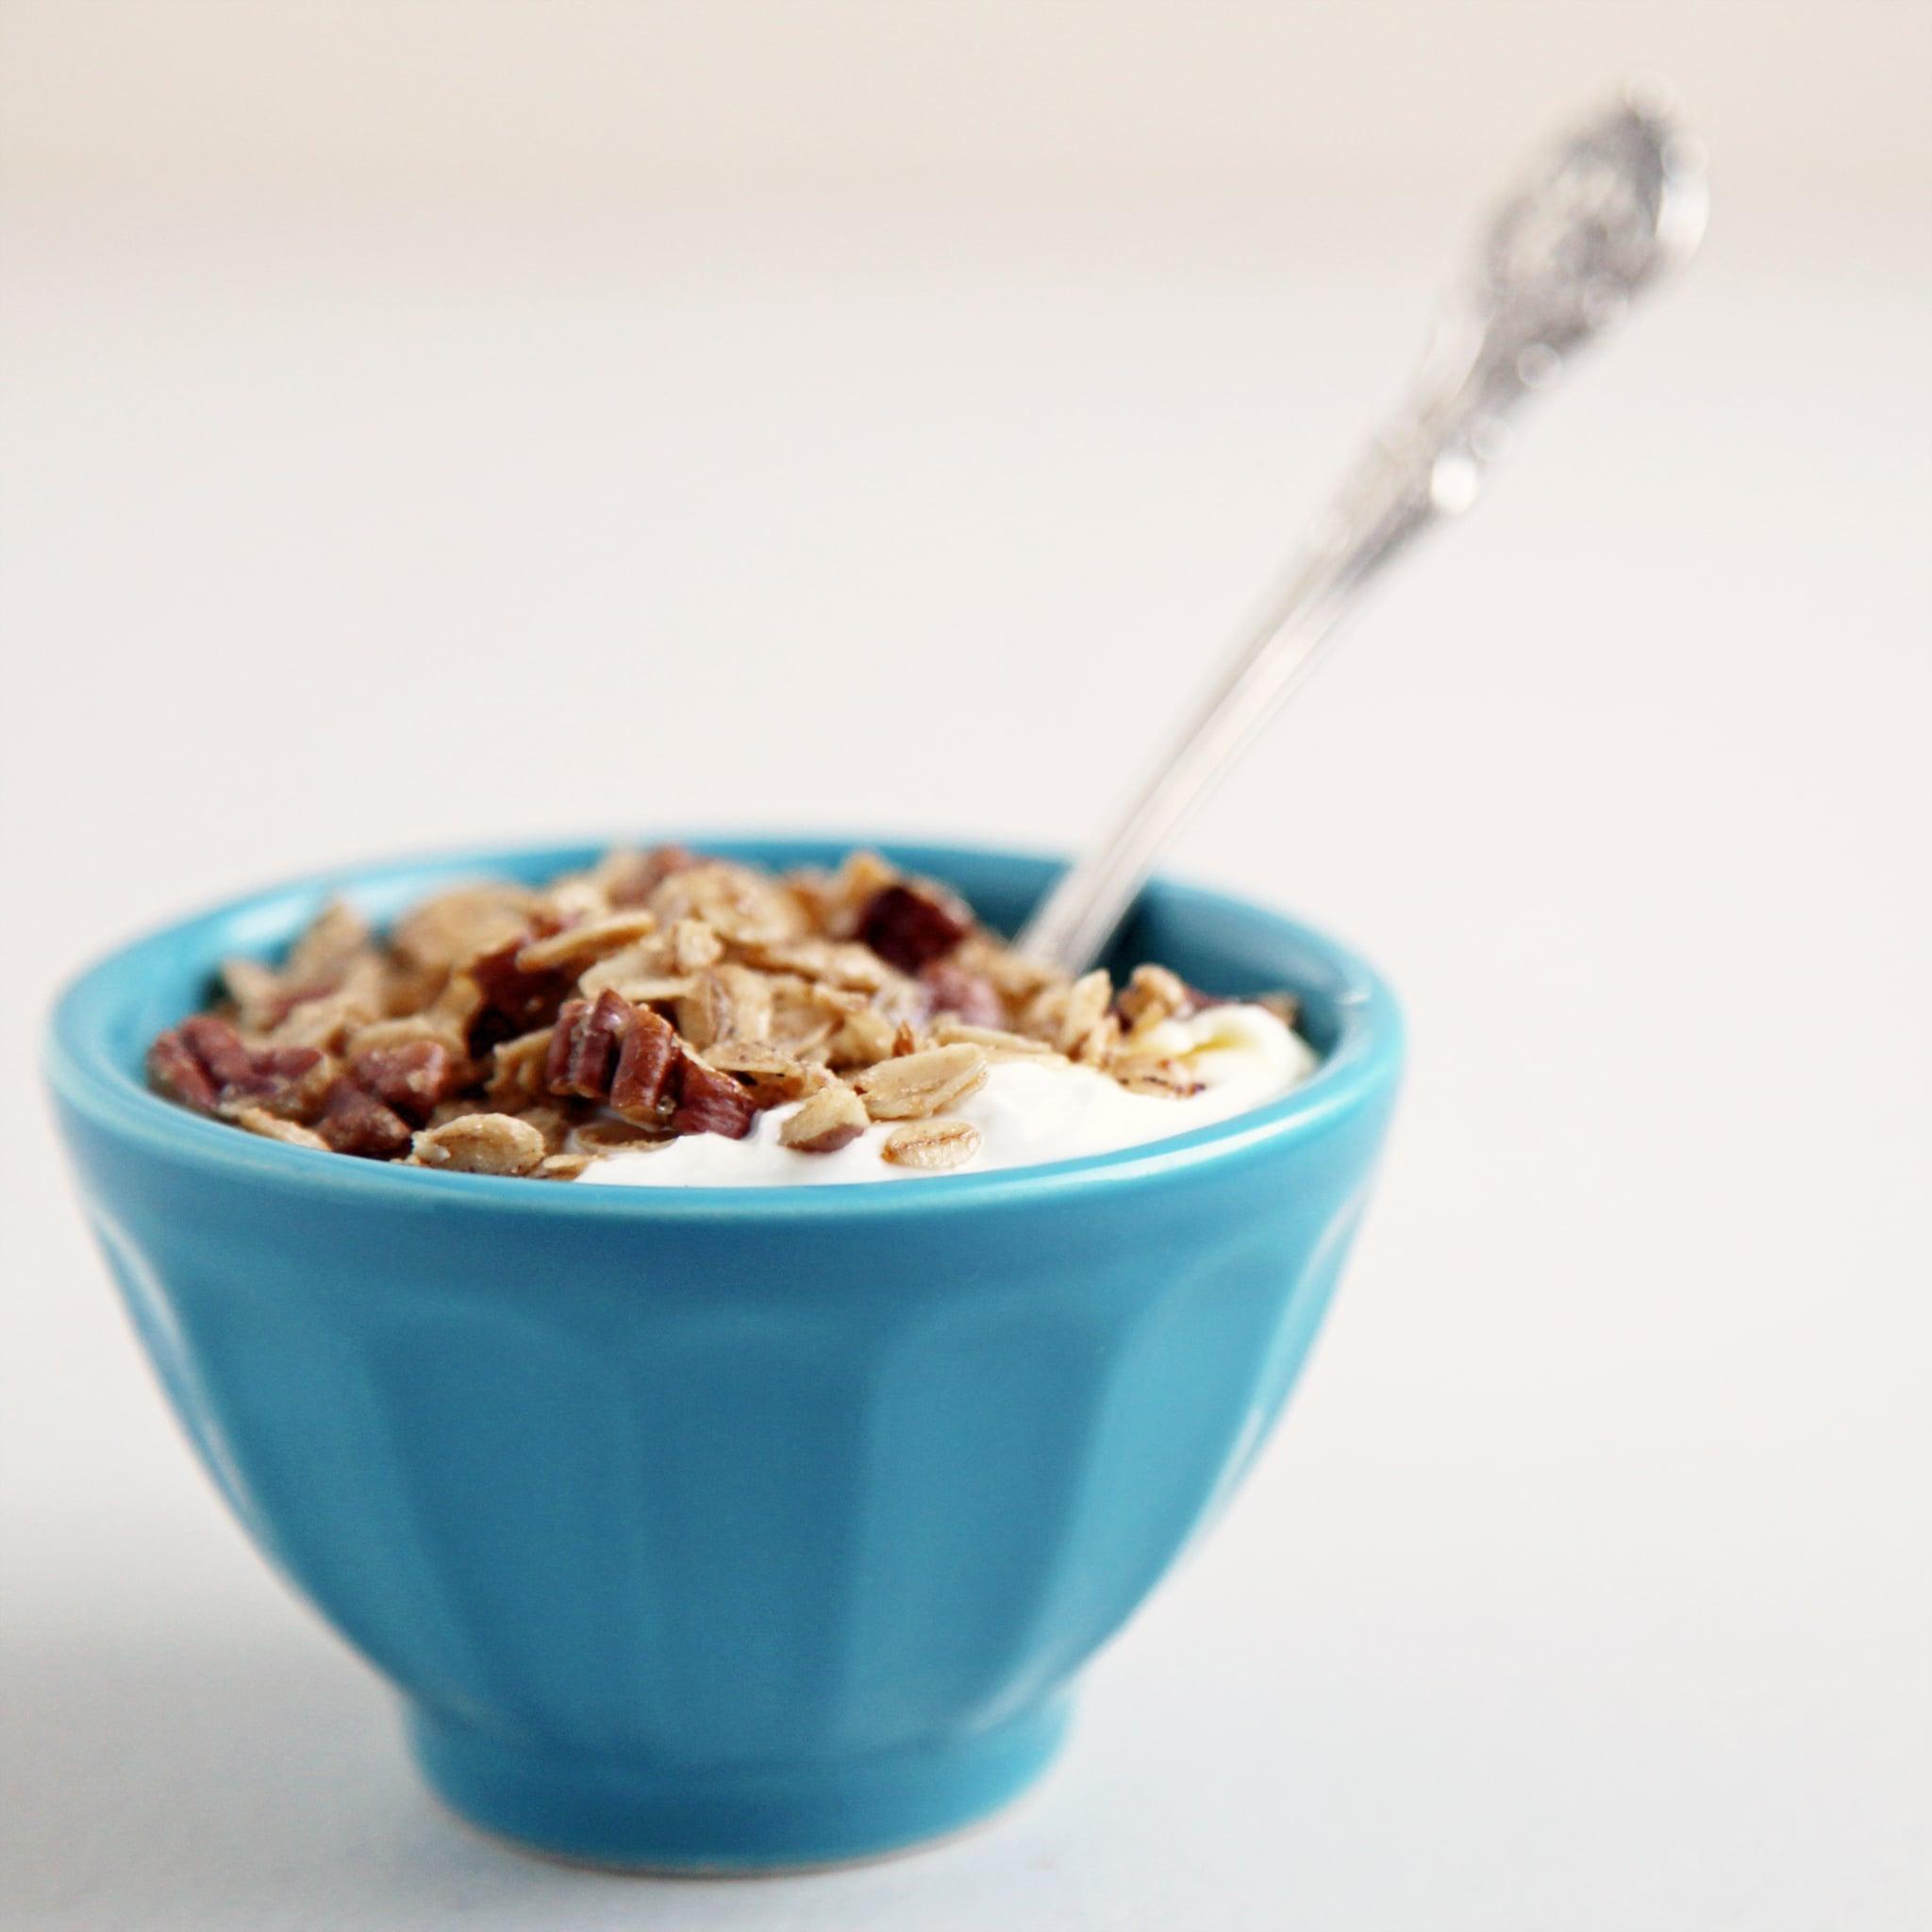 Eat 8 Grams of Fiber in the Morning